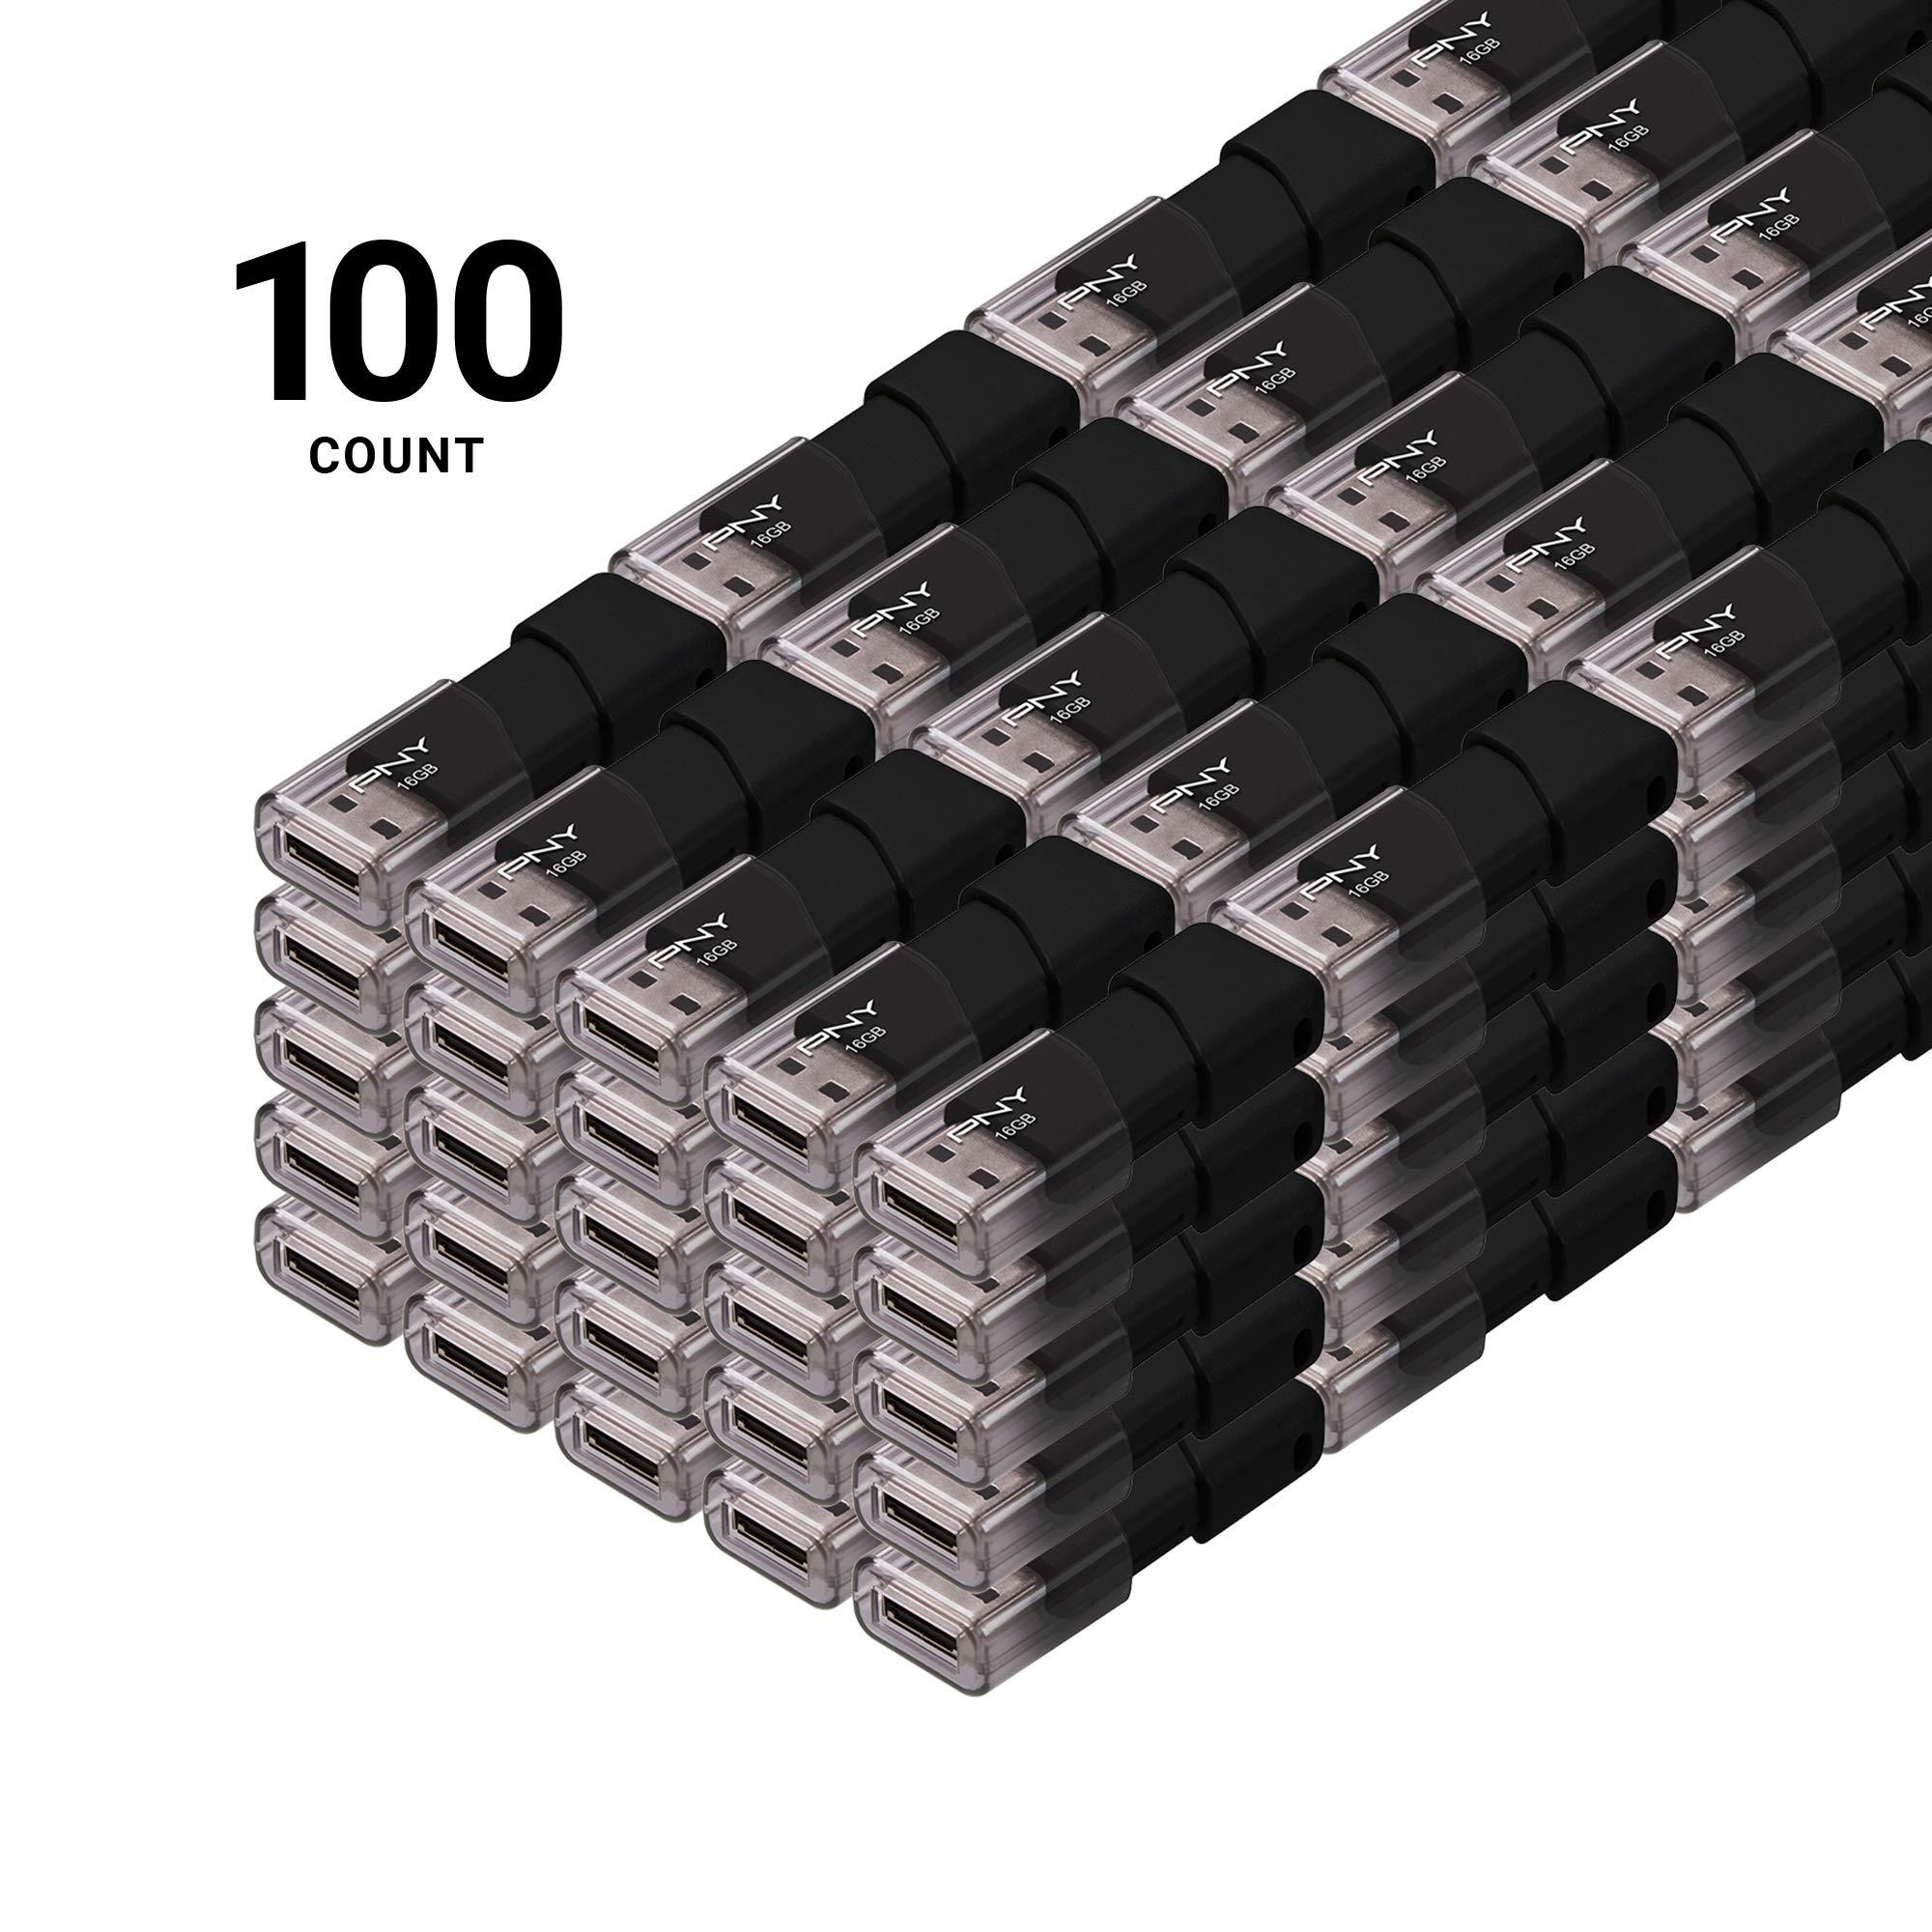 PNY Attache USB 2.0 Flash Drive, 16GB/ Black/ 100 Pack (P-FD16GX100ATT03-MP)